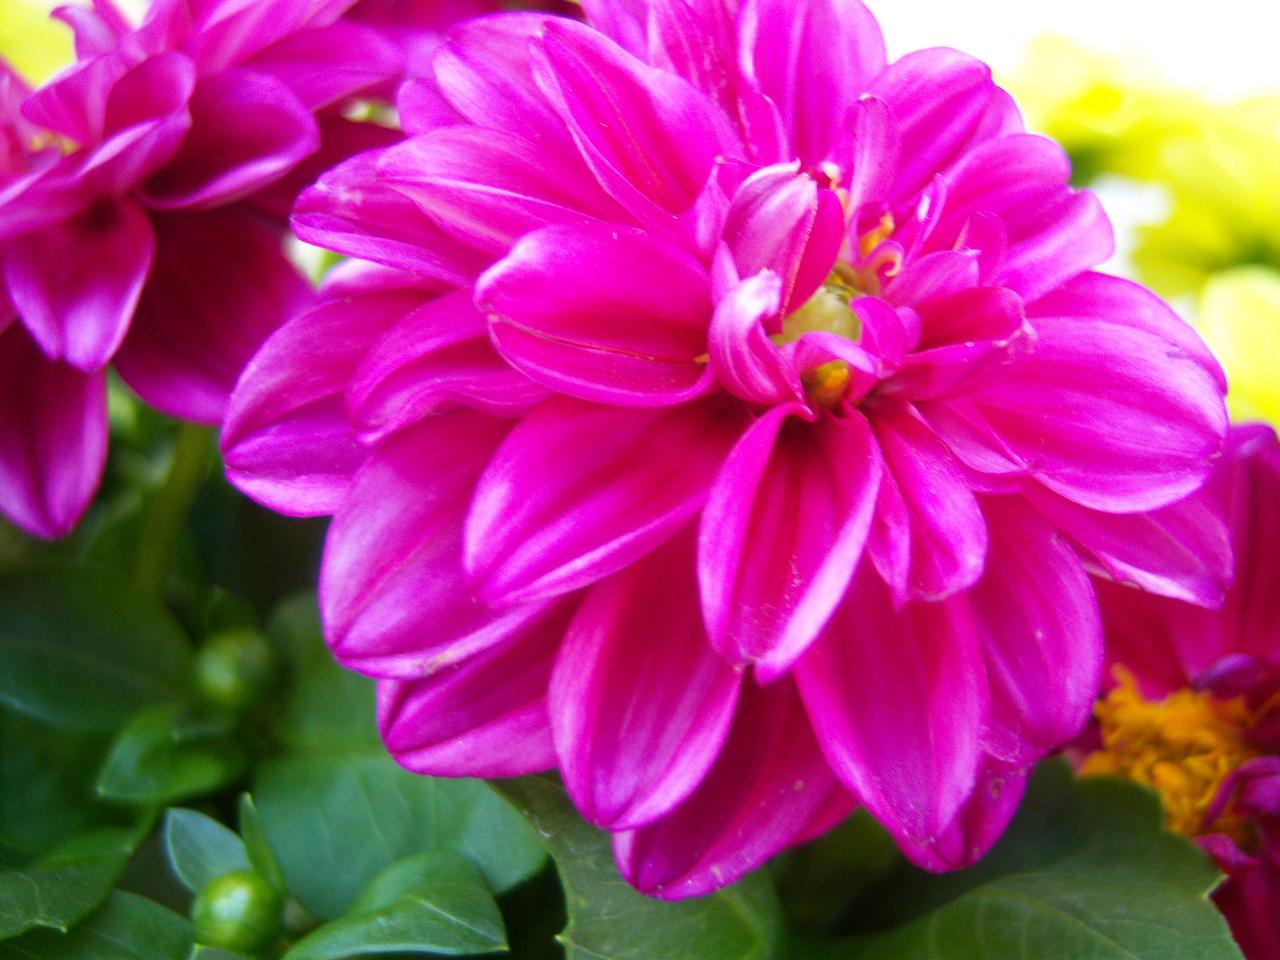 A Fuschia Flower by Godanna on DeviantArt